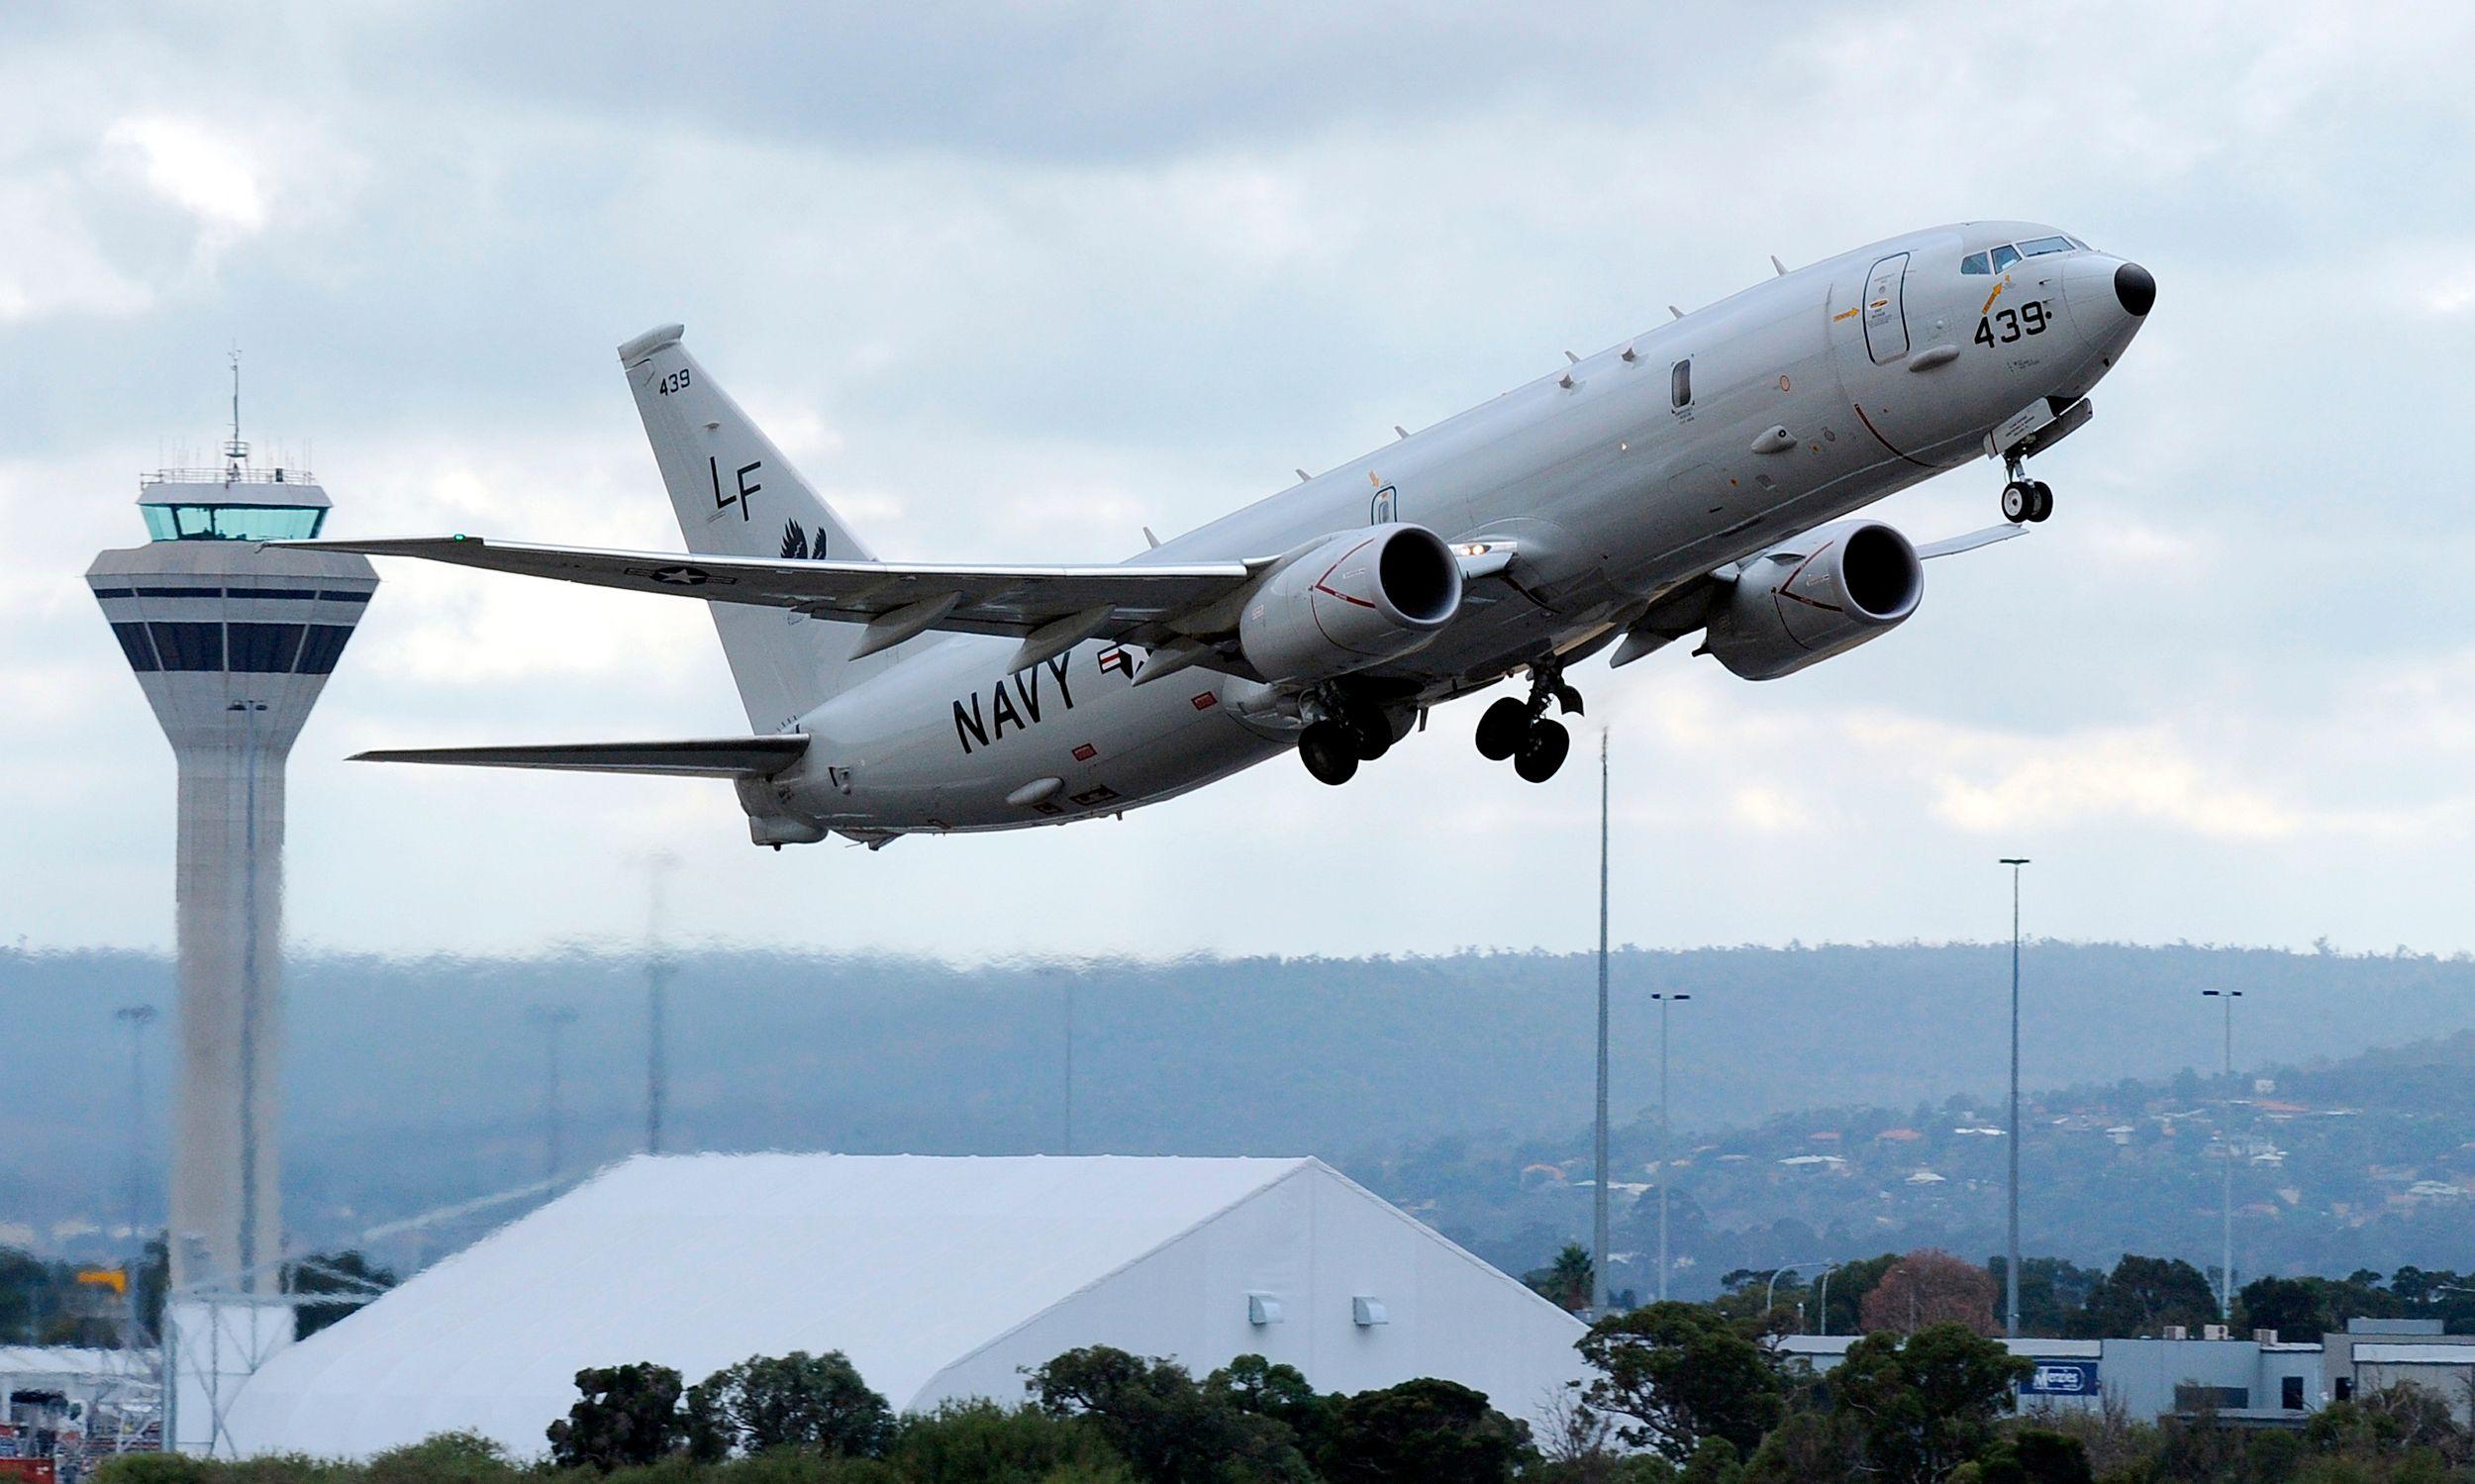 En raison de la grève des contrôleurs aériens, 40% des vols annulés pour mercredi 8 avril.